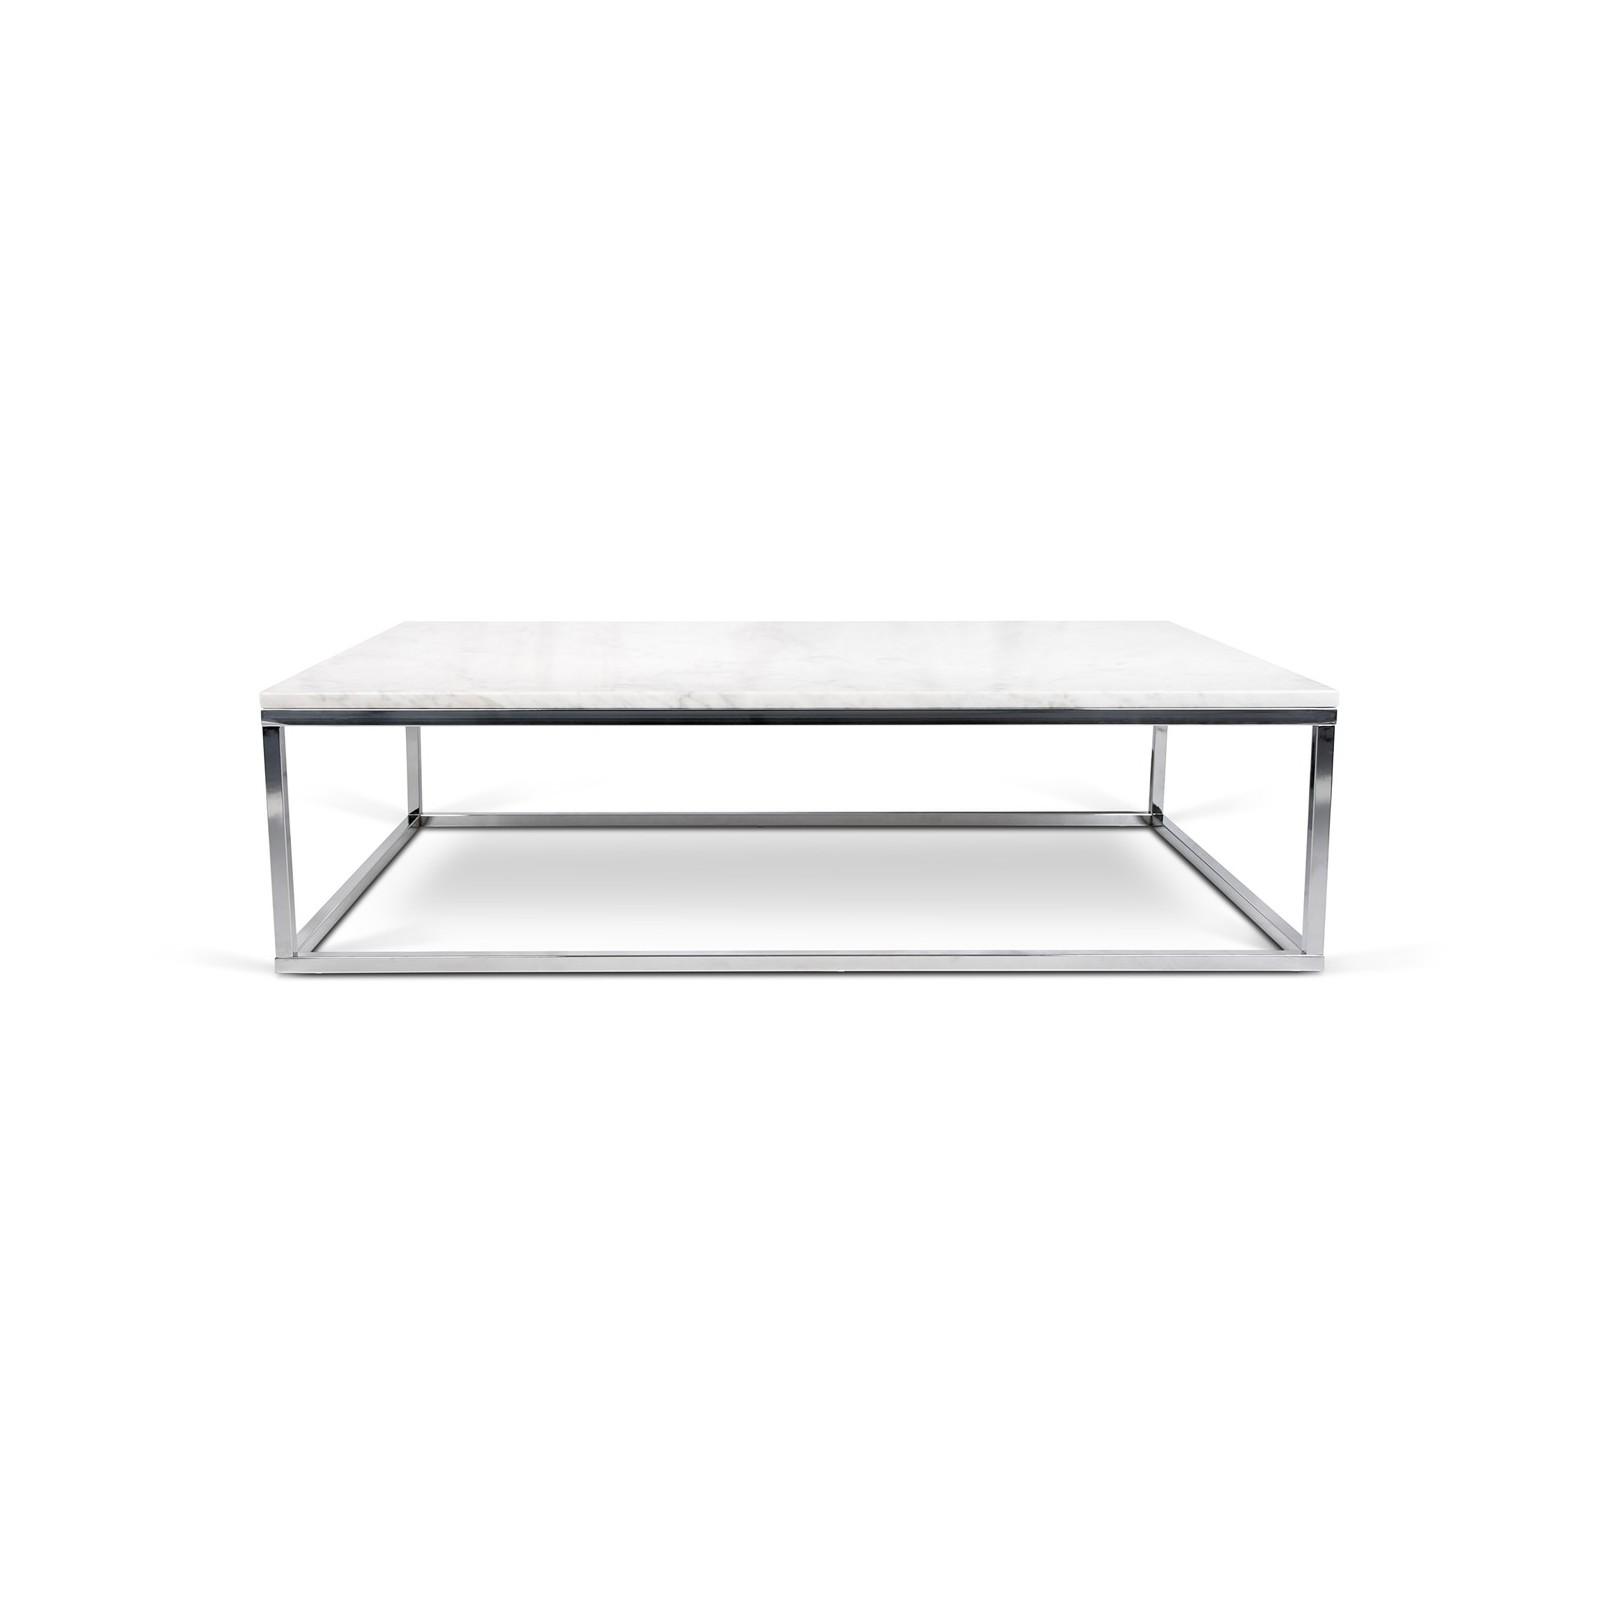 7e4d0bc9dee1a La véritable table-basse marbre blanc - Arne Concept